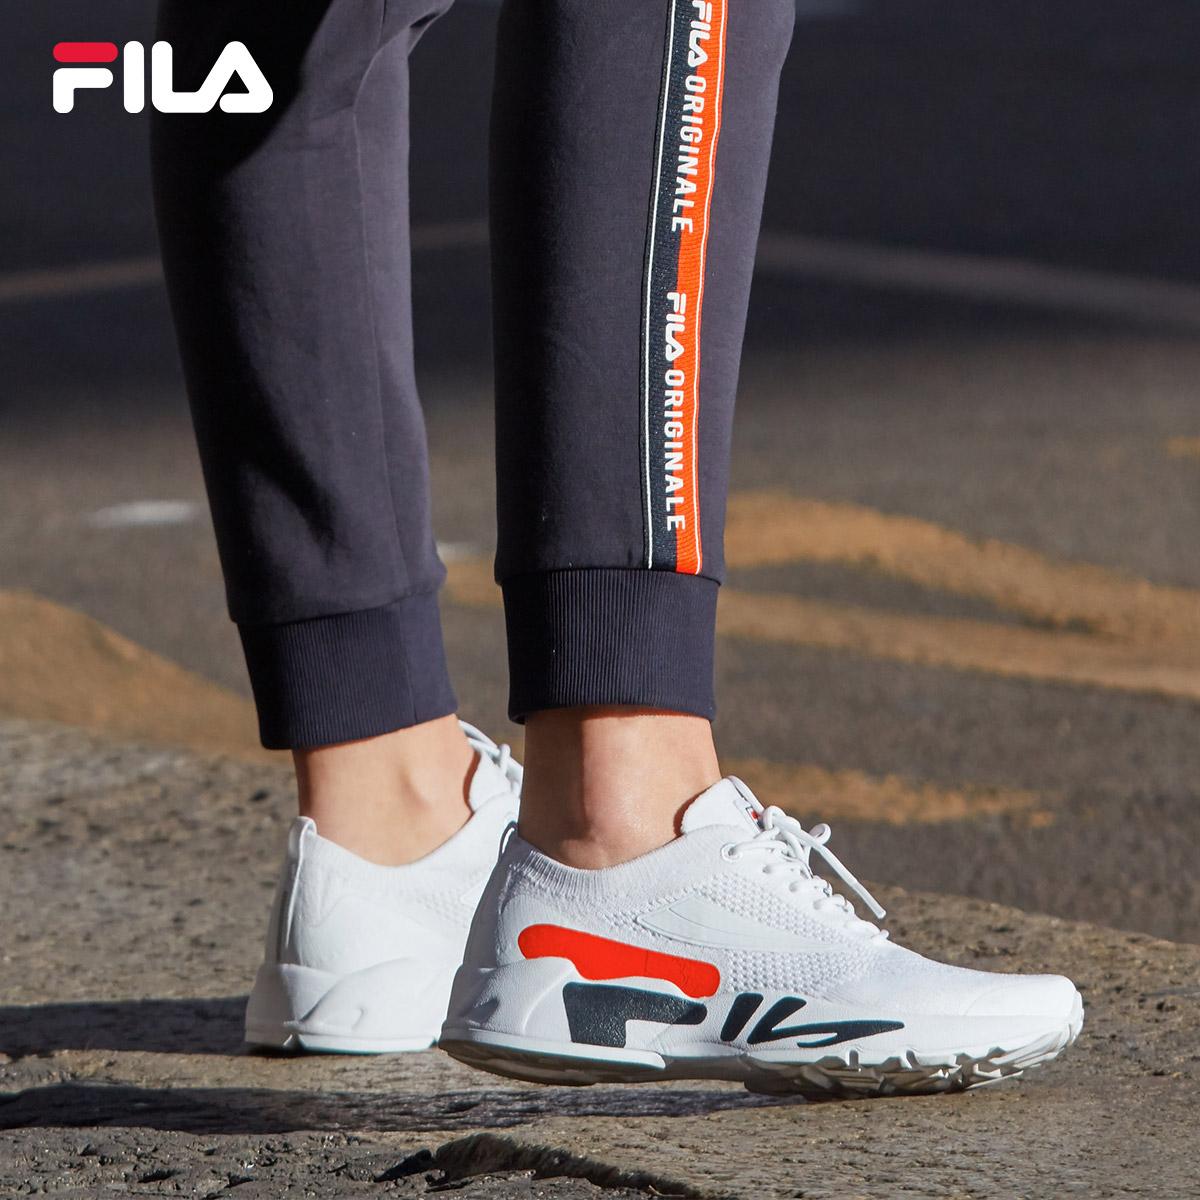 FILA斐乐女跑步鞋2018秋季新款耐磨网面透气综训鞋潮鞋运动鞋女